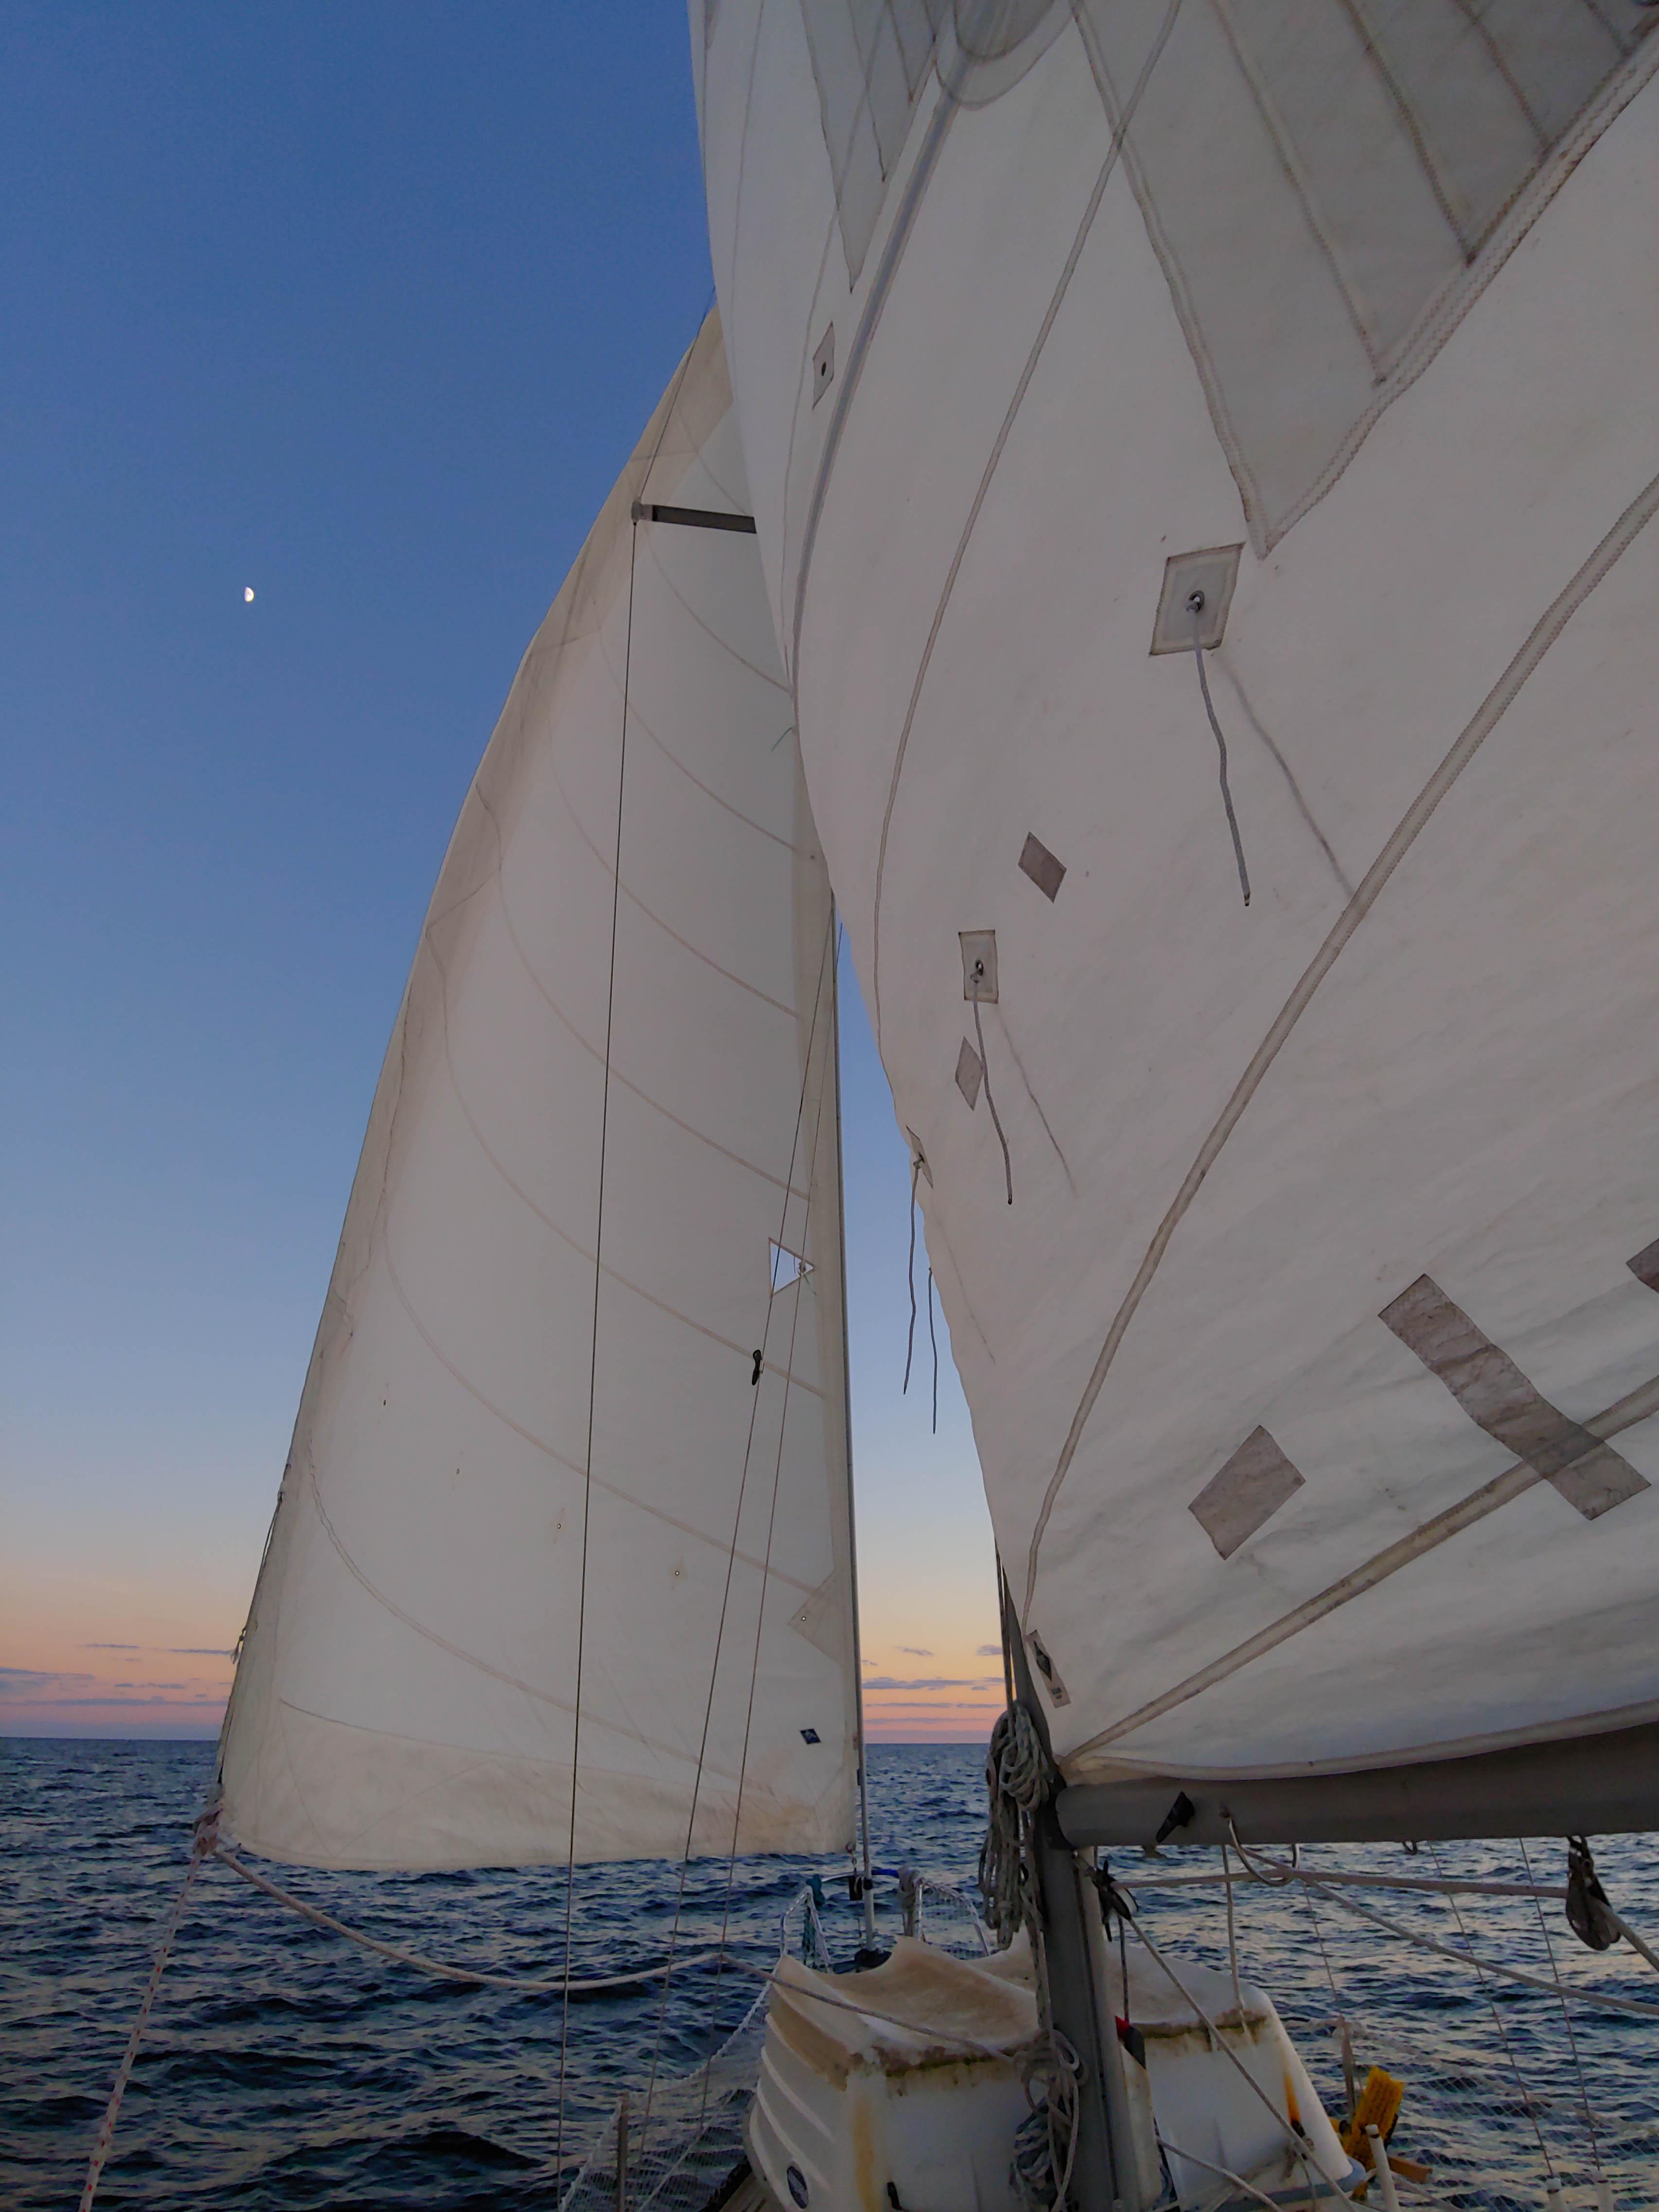 Sailing, sailboat, main sail, jib